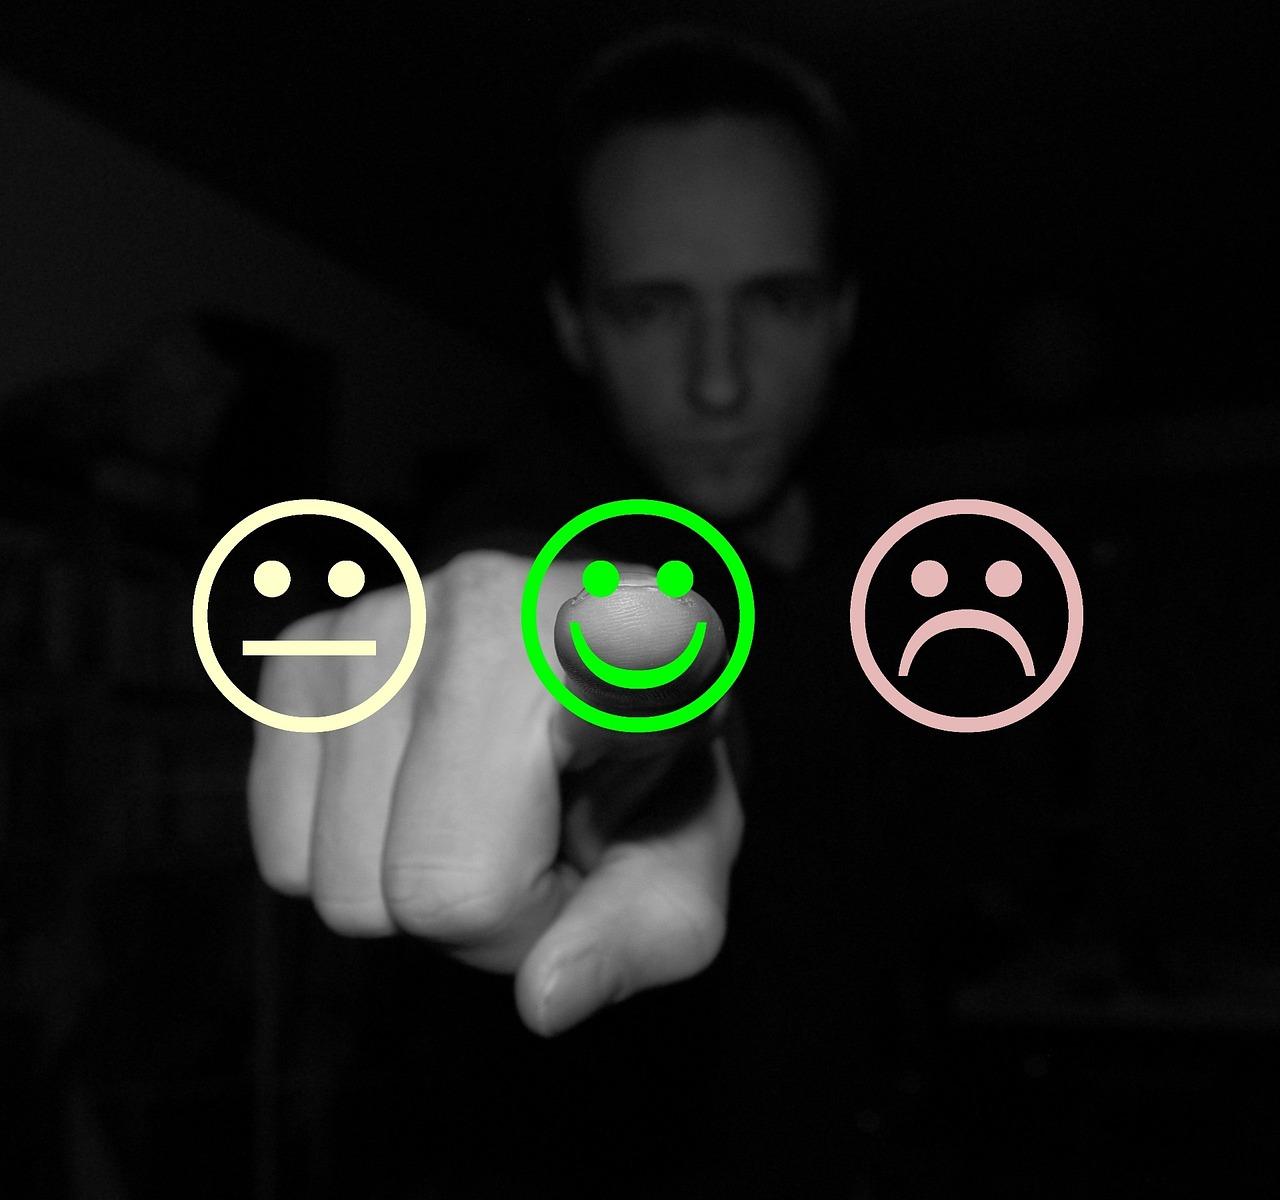 フィードバック, 意見, 顧客, 満足度, レビュー, 評価, 品質, 投票, 調査, 良い